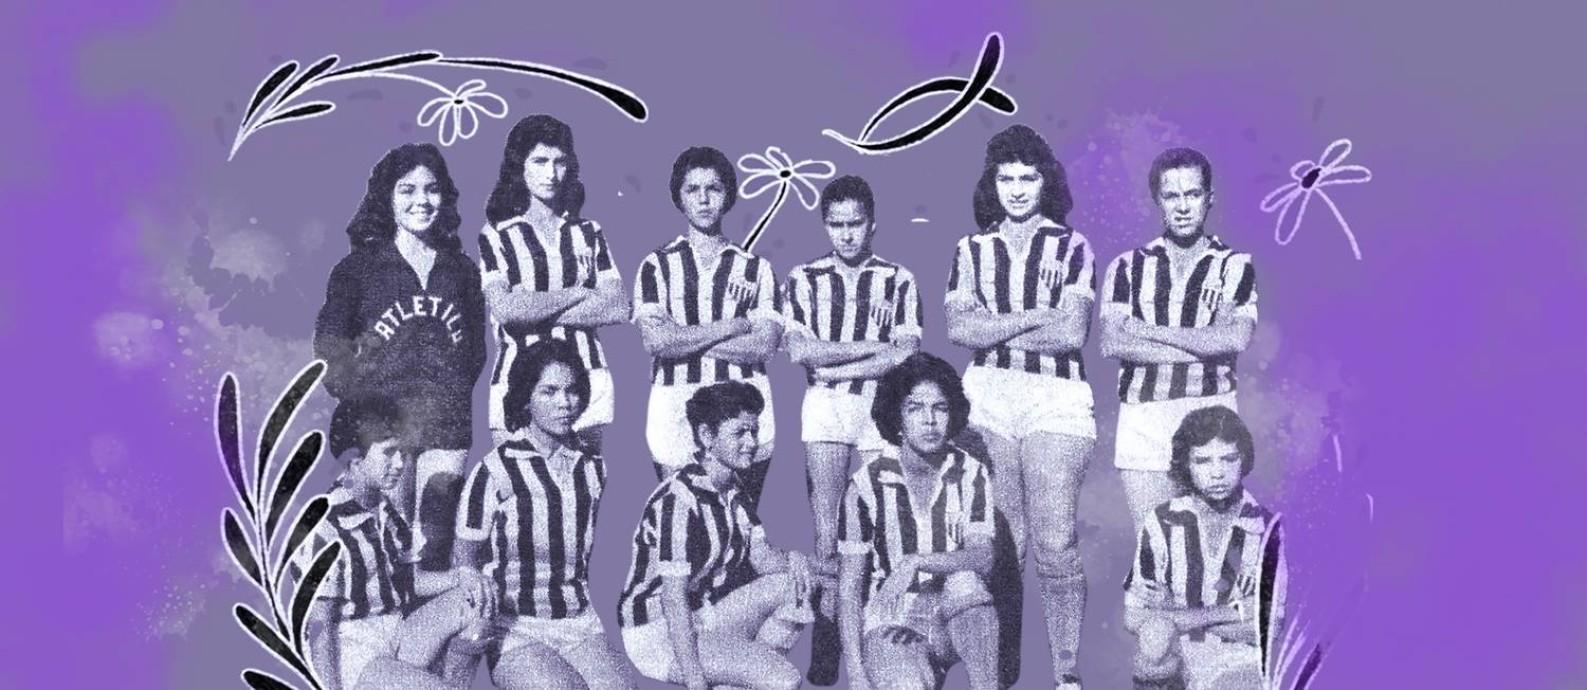 Meninas que formaram o time do Araguari, de 1958 a 1959 Foto: Arte sobre foto de arquivo pessoal de Ney Montes